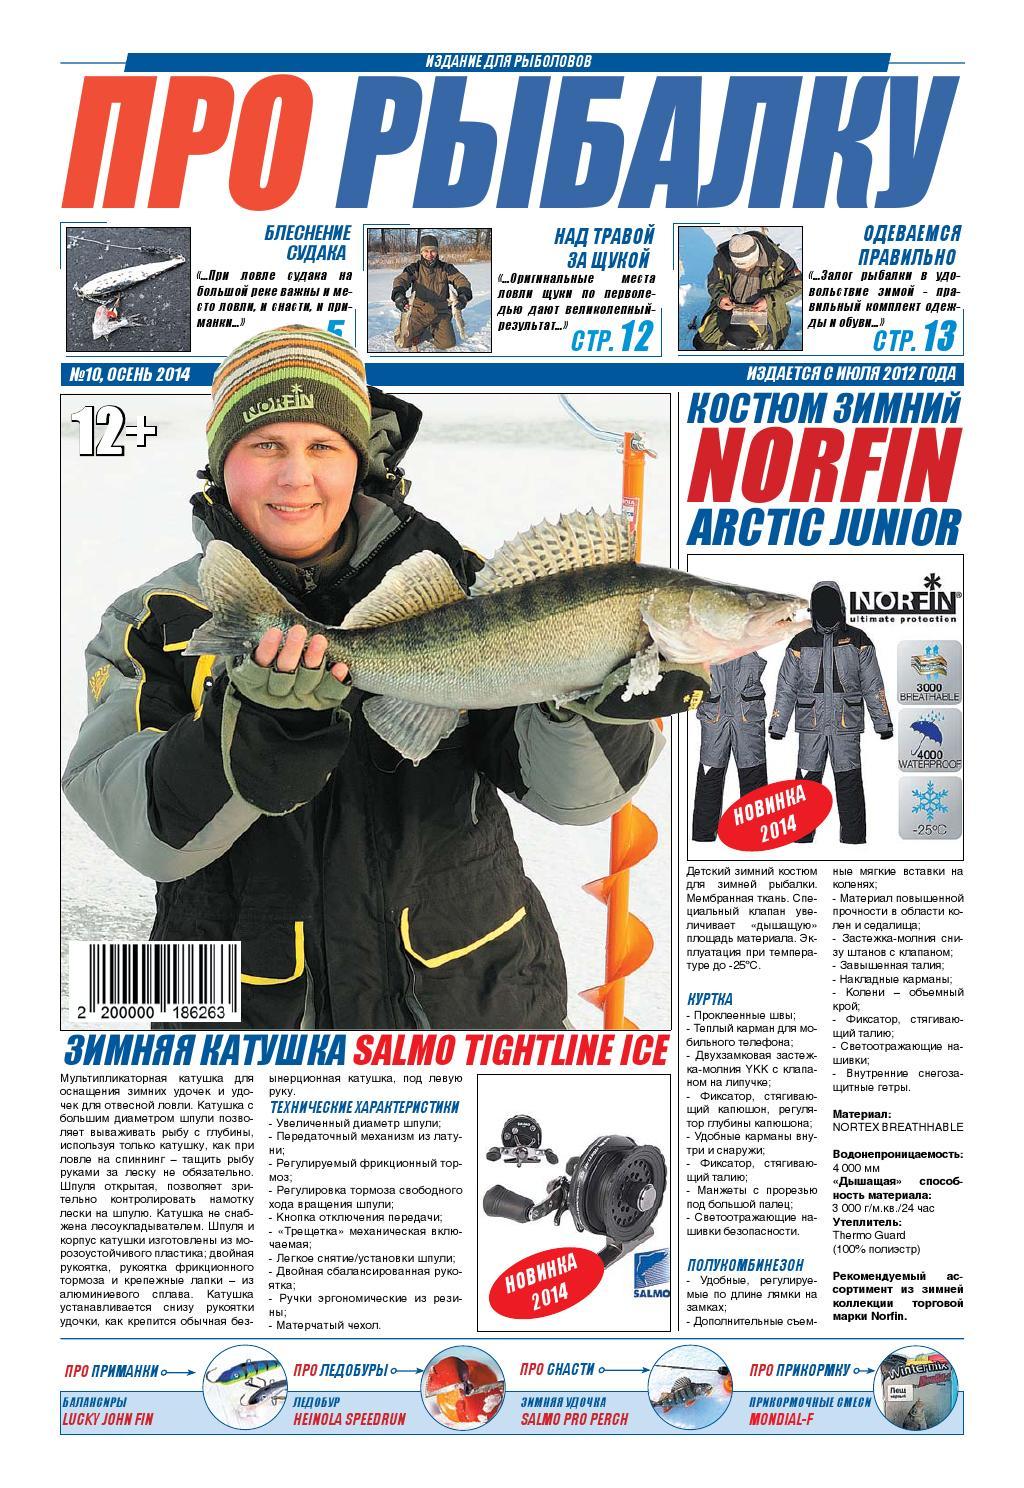 газеты про рыболовов